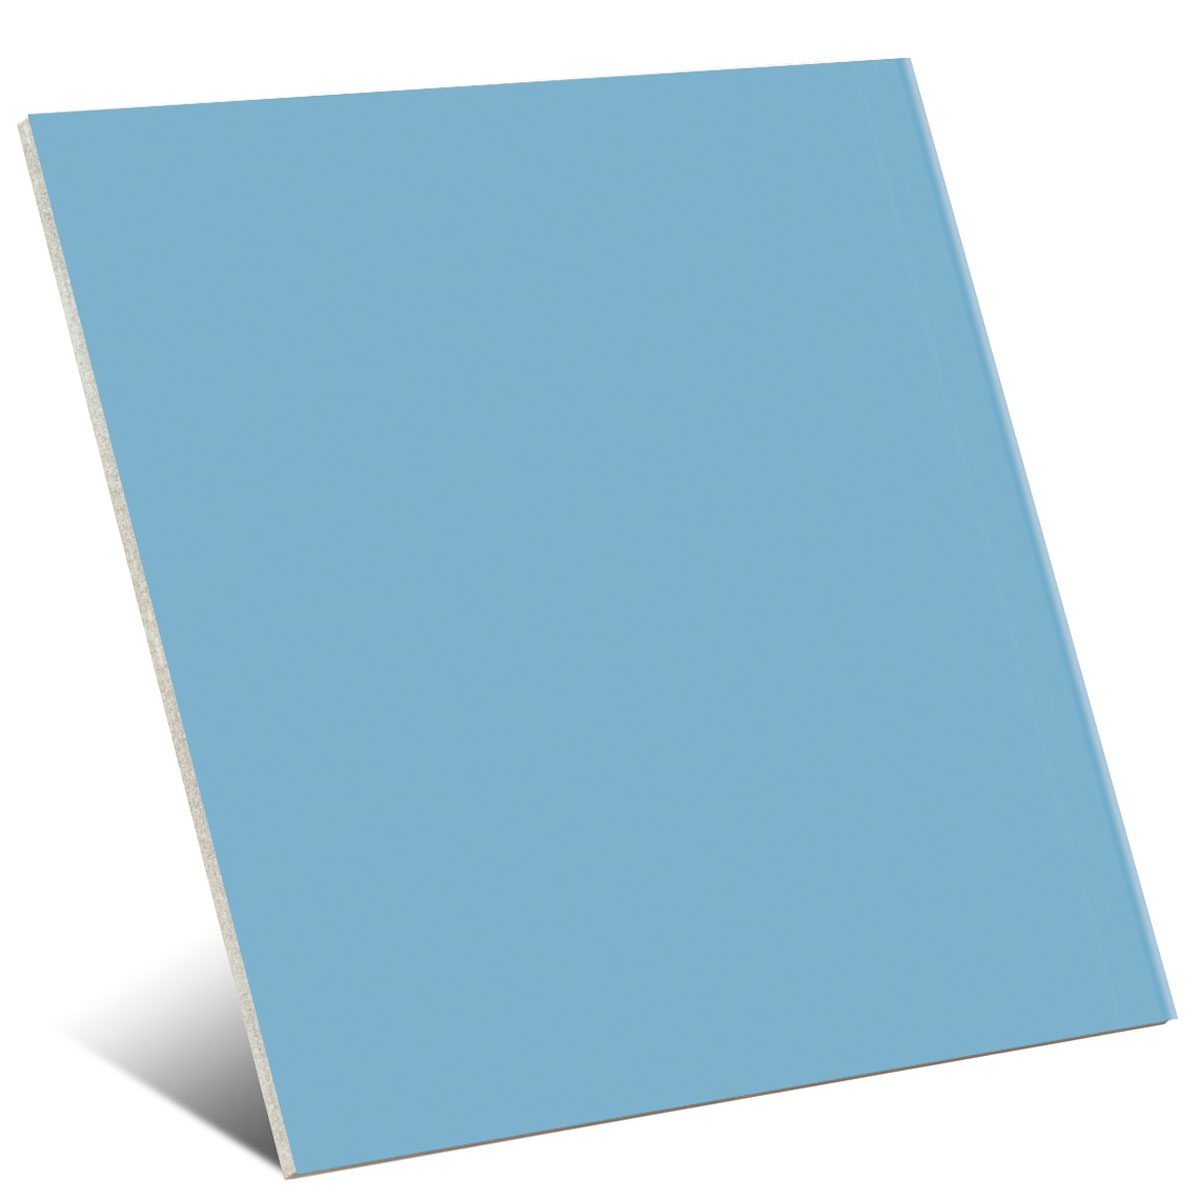 Azul Celeste Liso 20x20 (caja de 1 m2)